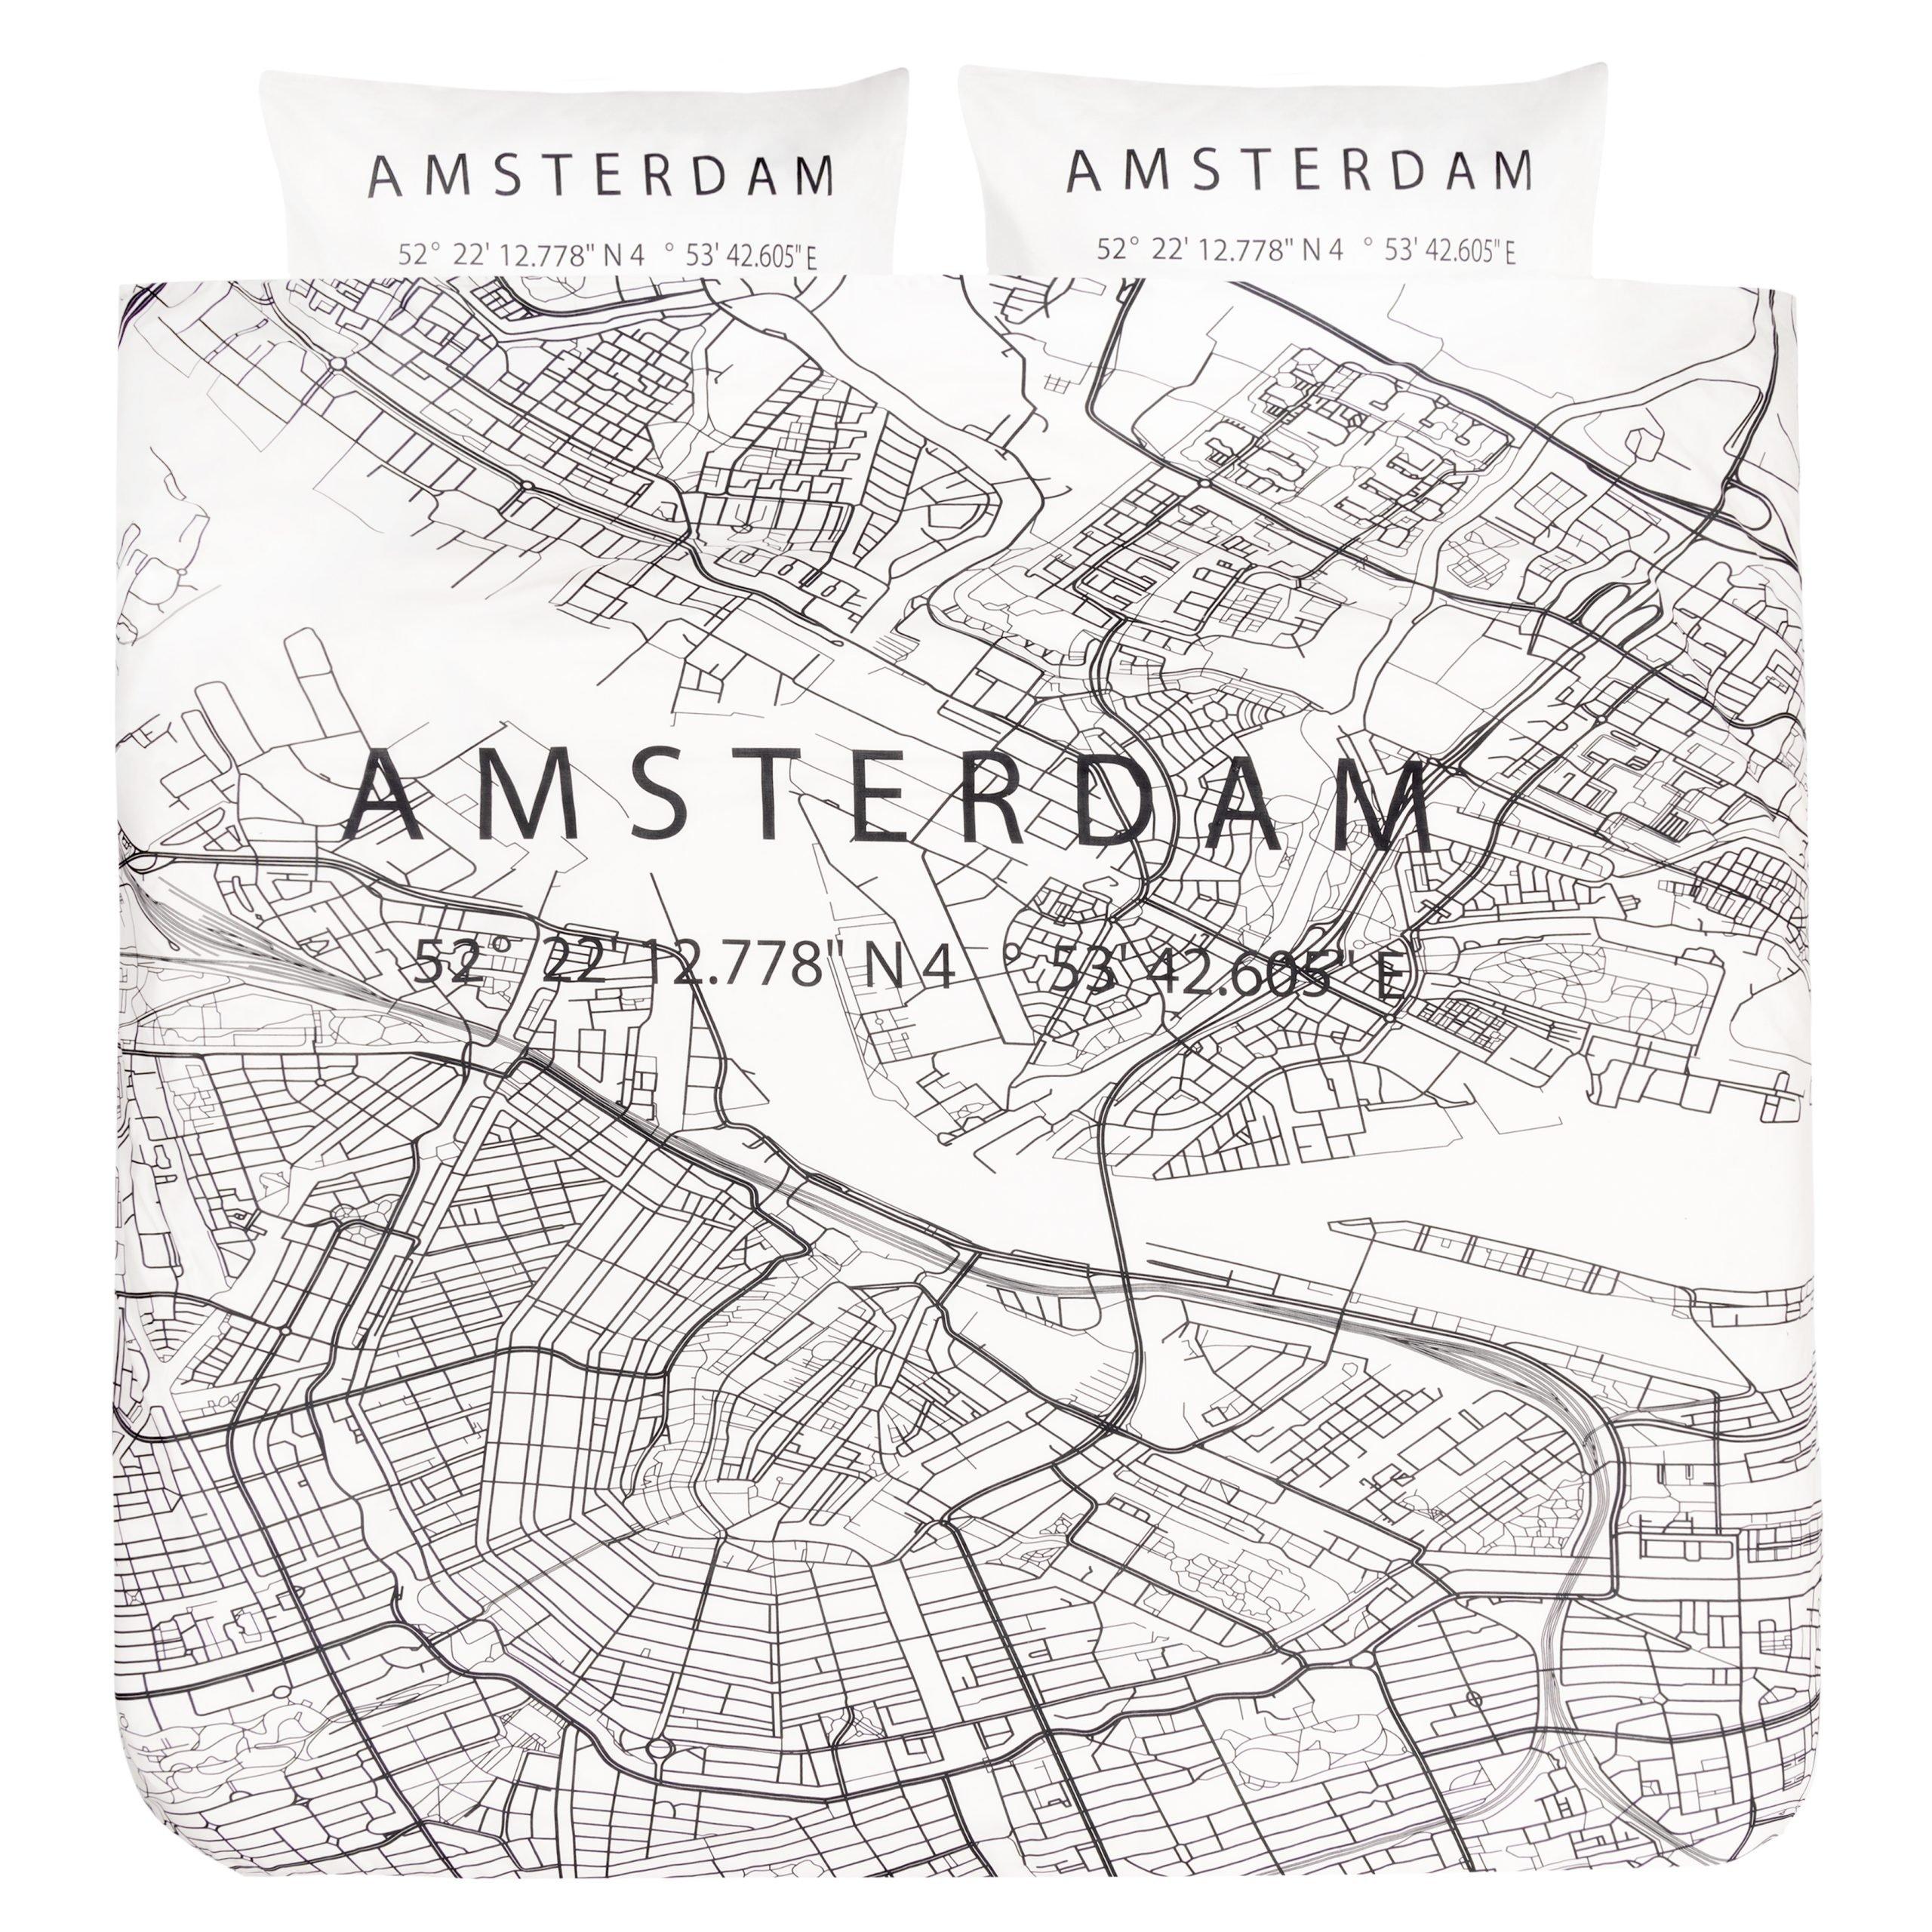 Dekbedovertrek 2-persoons lits-jumeaux BINK city DBO Amsterdam 240x200/240 + sloop 2x 60x70 met een print/stadsplattegrond van Amsterdam in zwart wit.